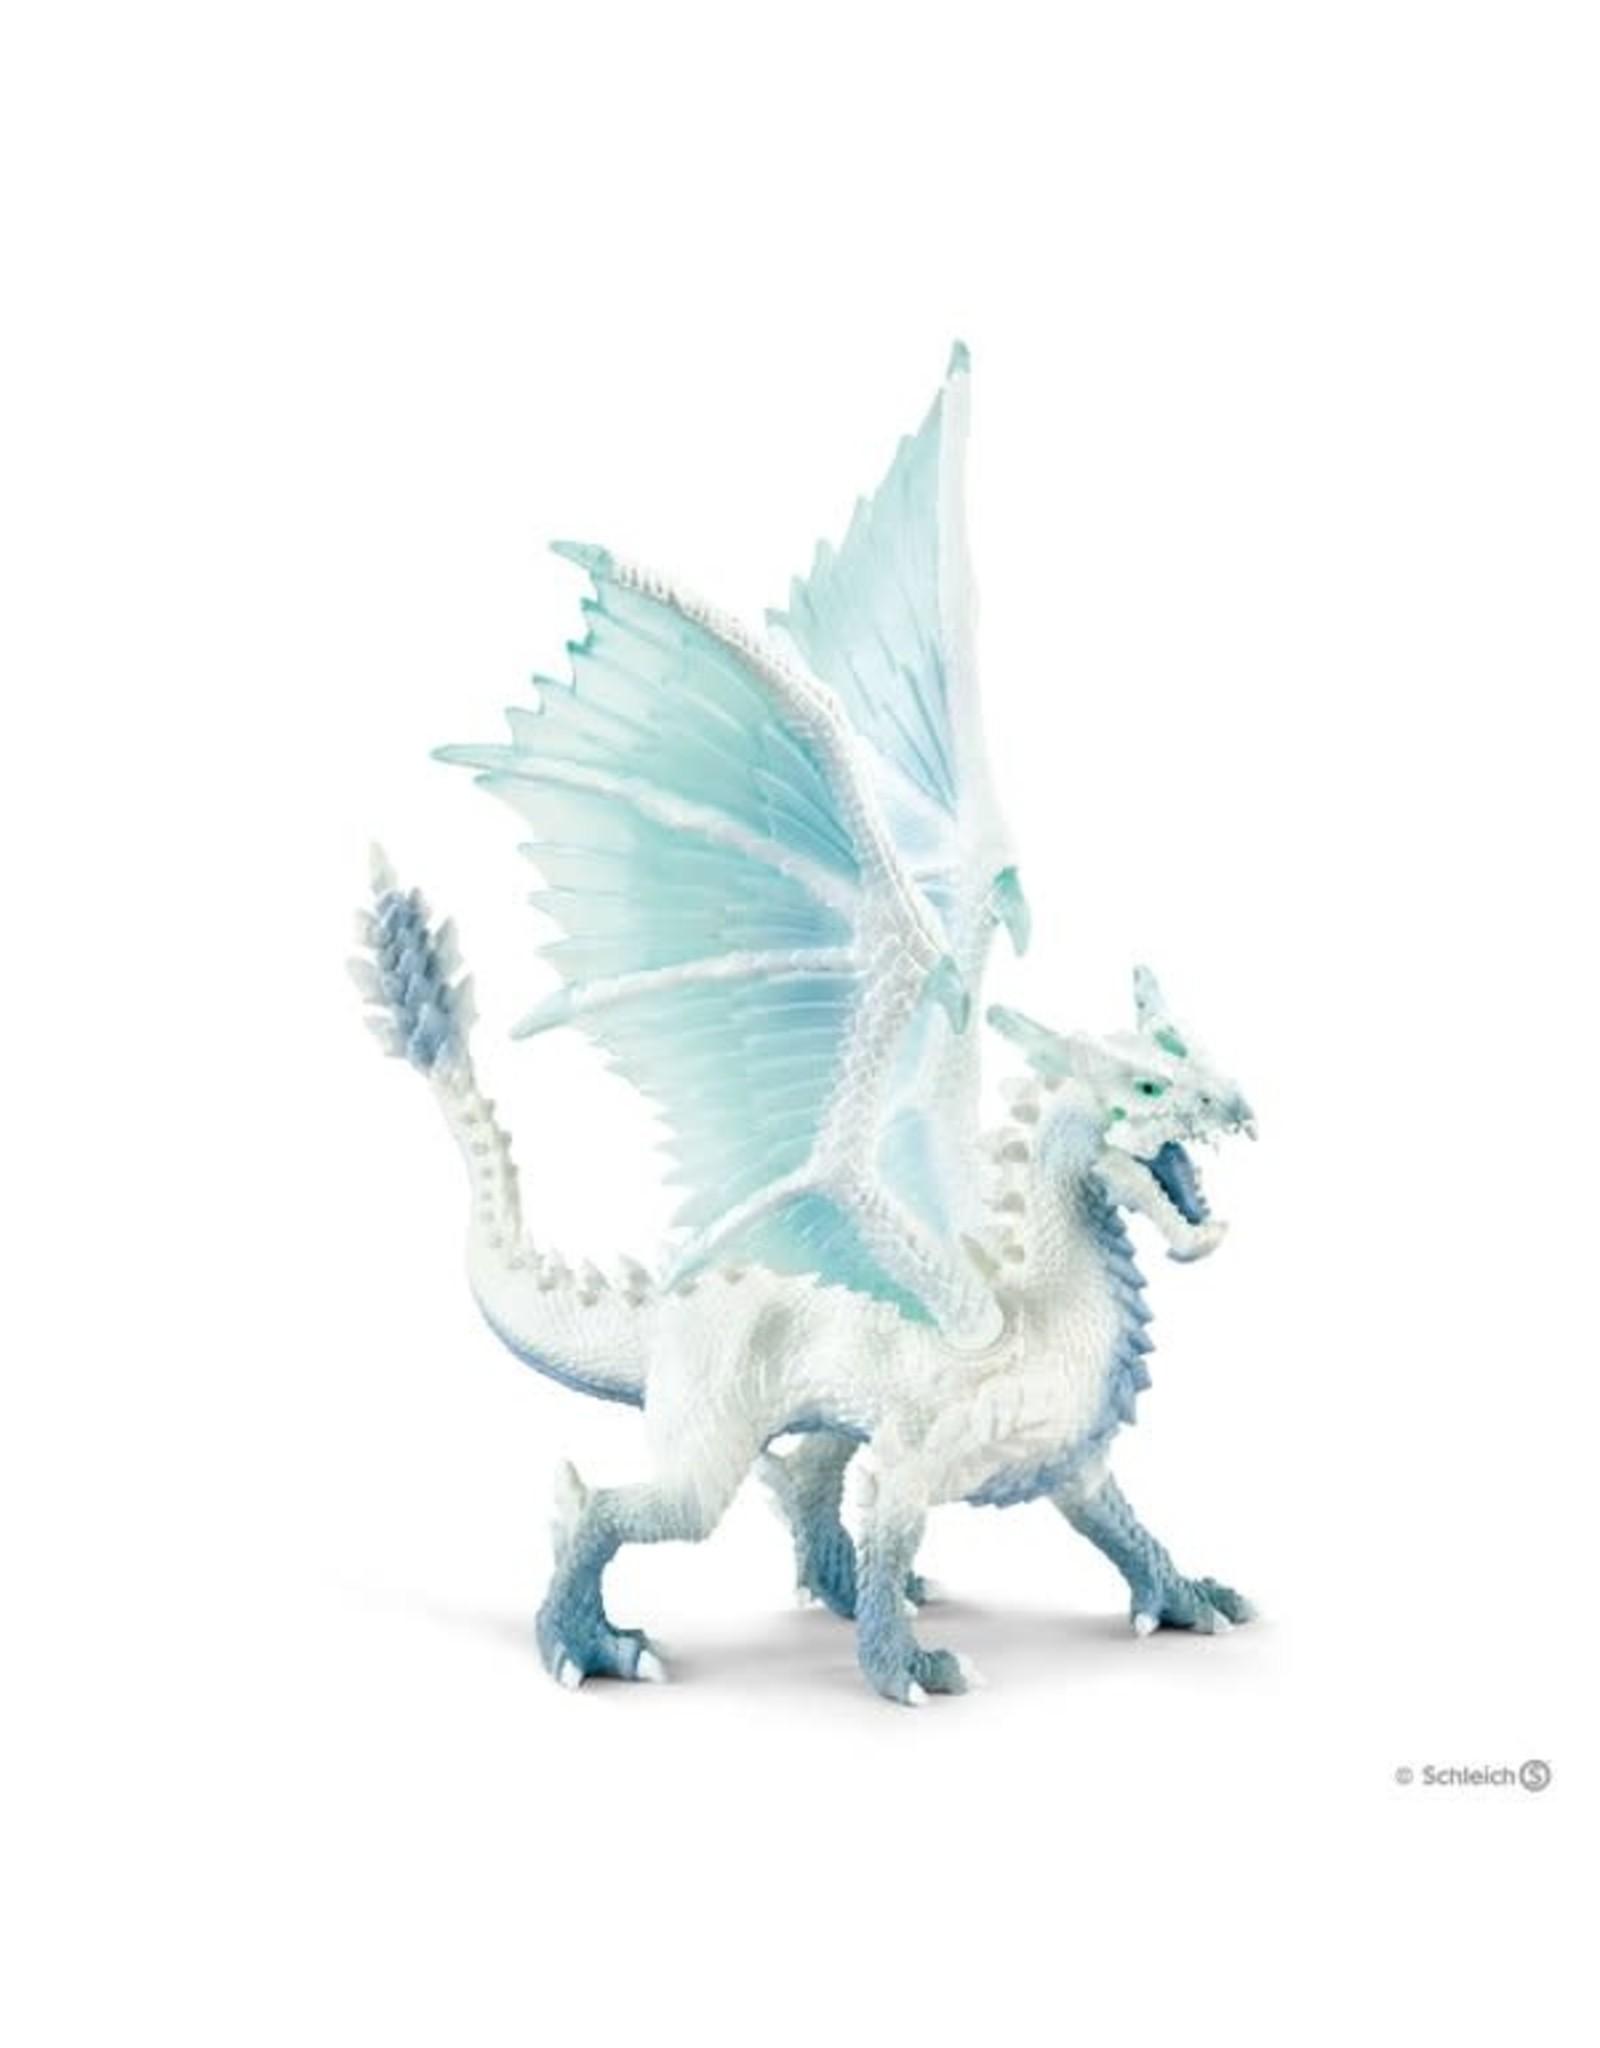 Schleich Ice dragon